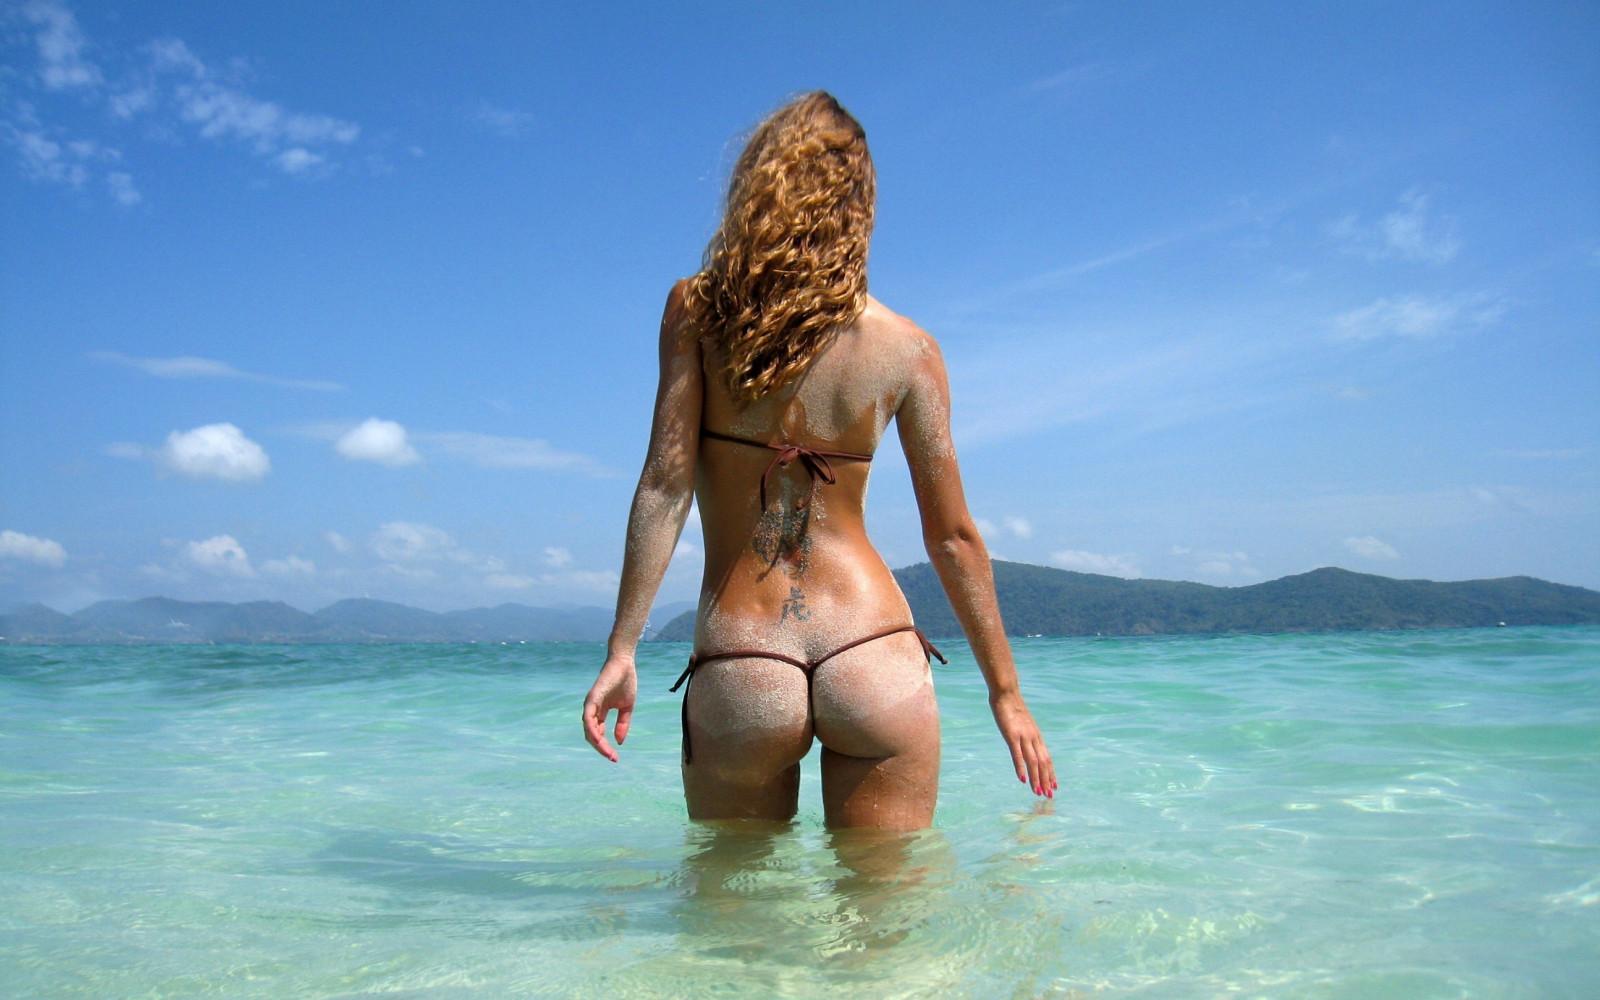 картинки девушек в стрингах на море ужасно из-за